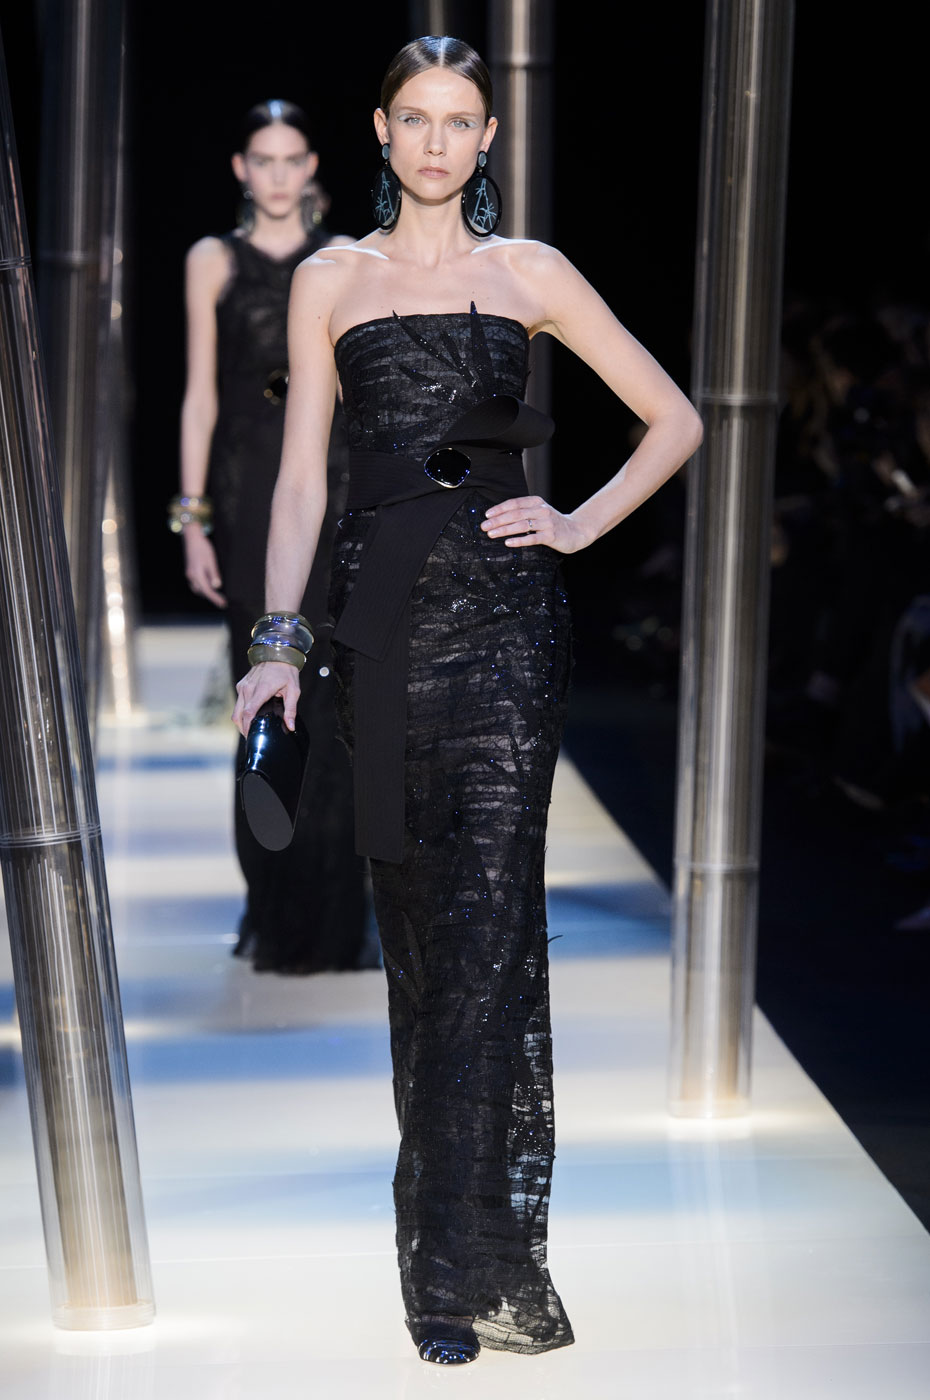 Giorgio-armani-Prive-fashion-runway-show-haute-couture-paris-spring-2015-the-impression-099